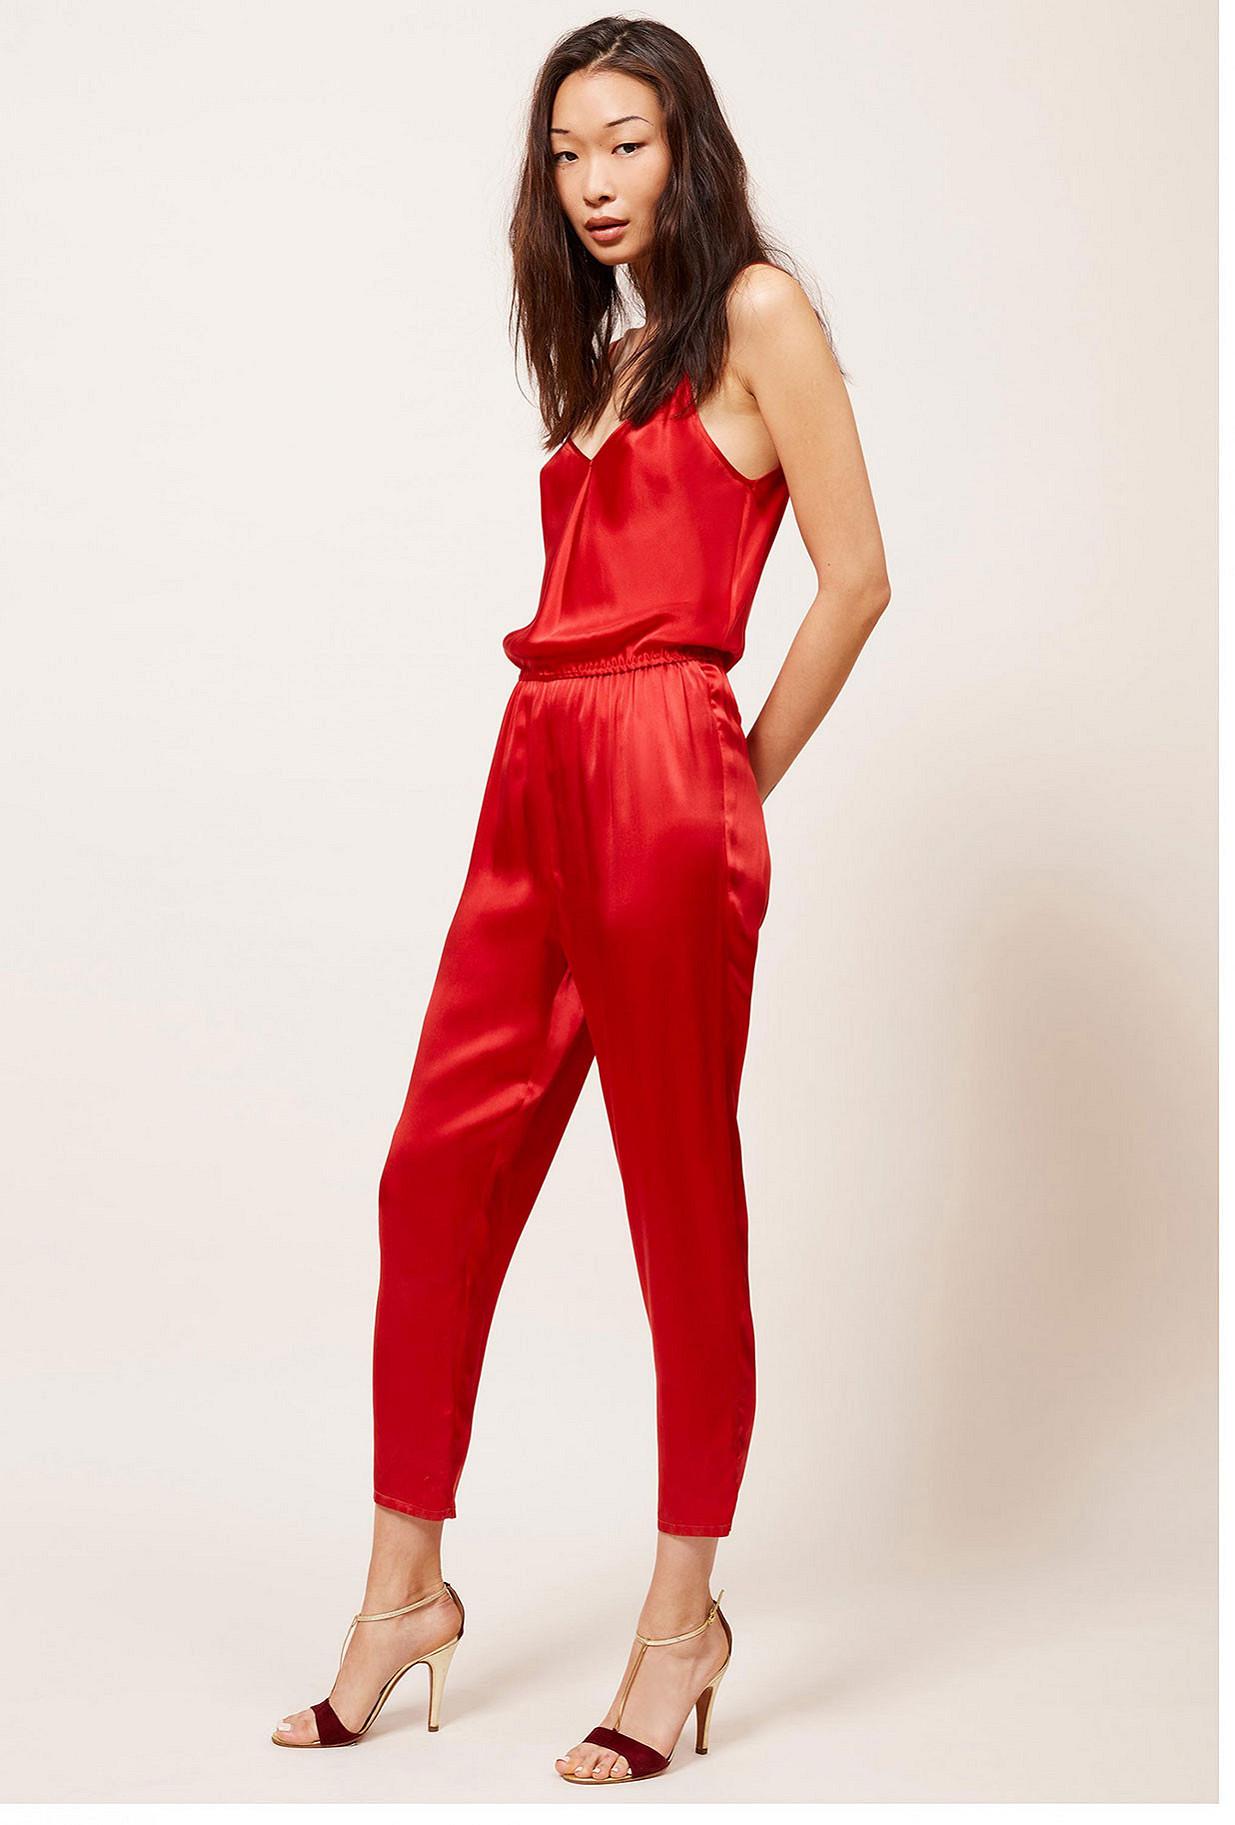 Paris boutique de mode vêtement Combinaison créateur bohème  Noche